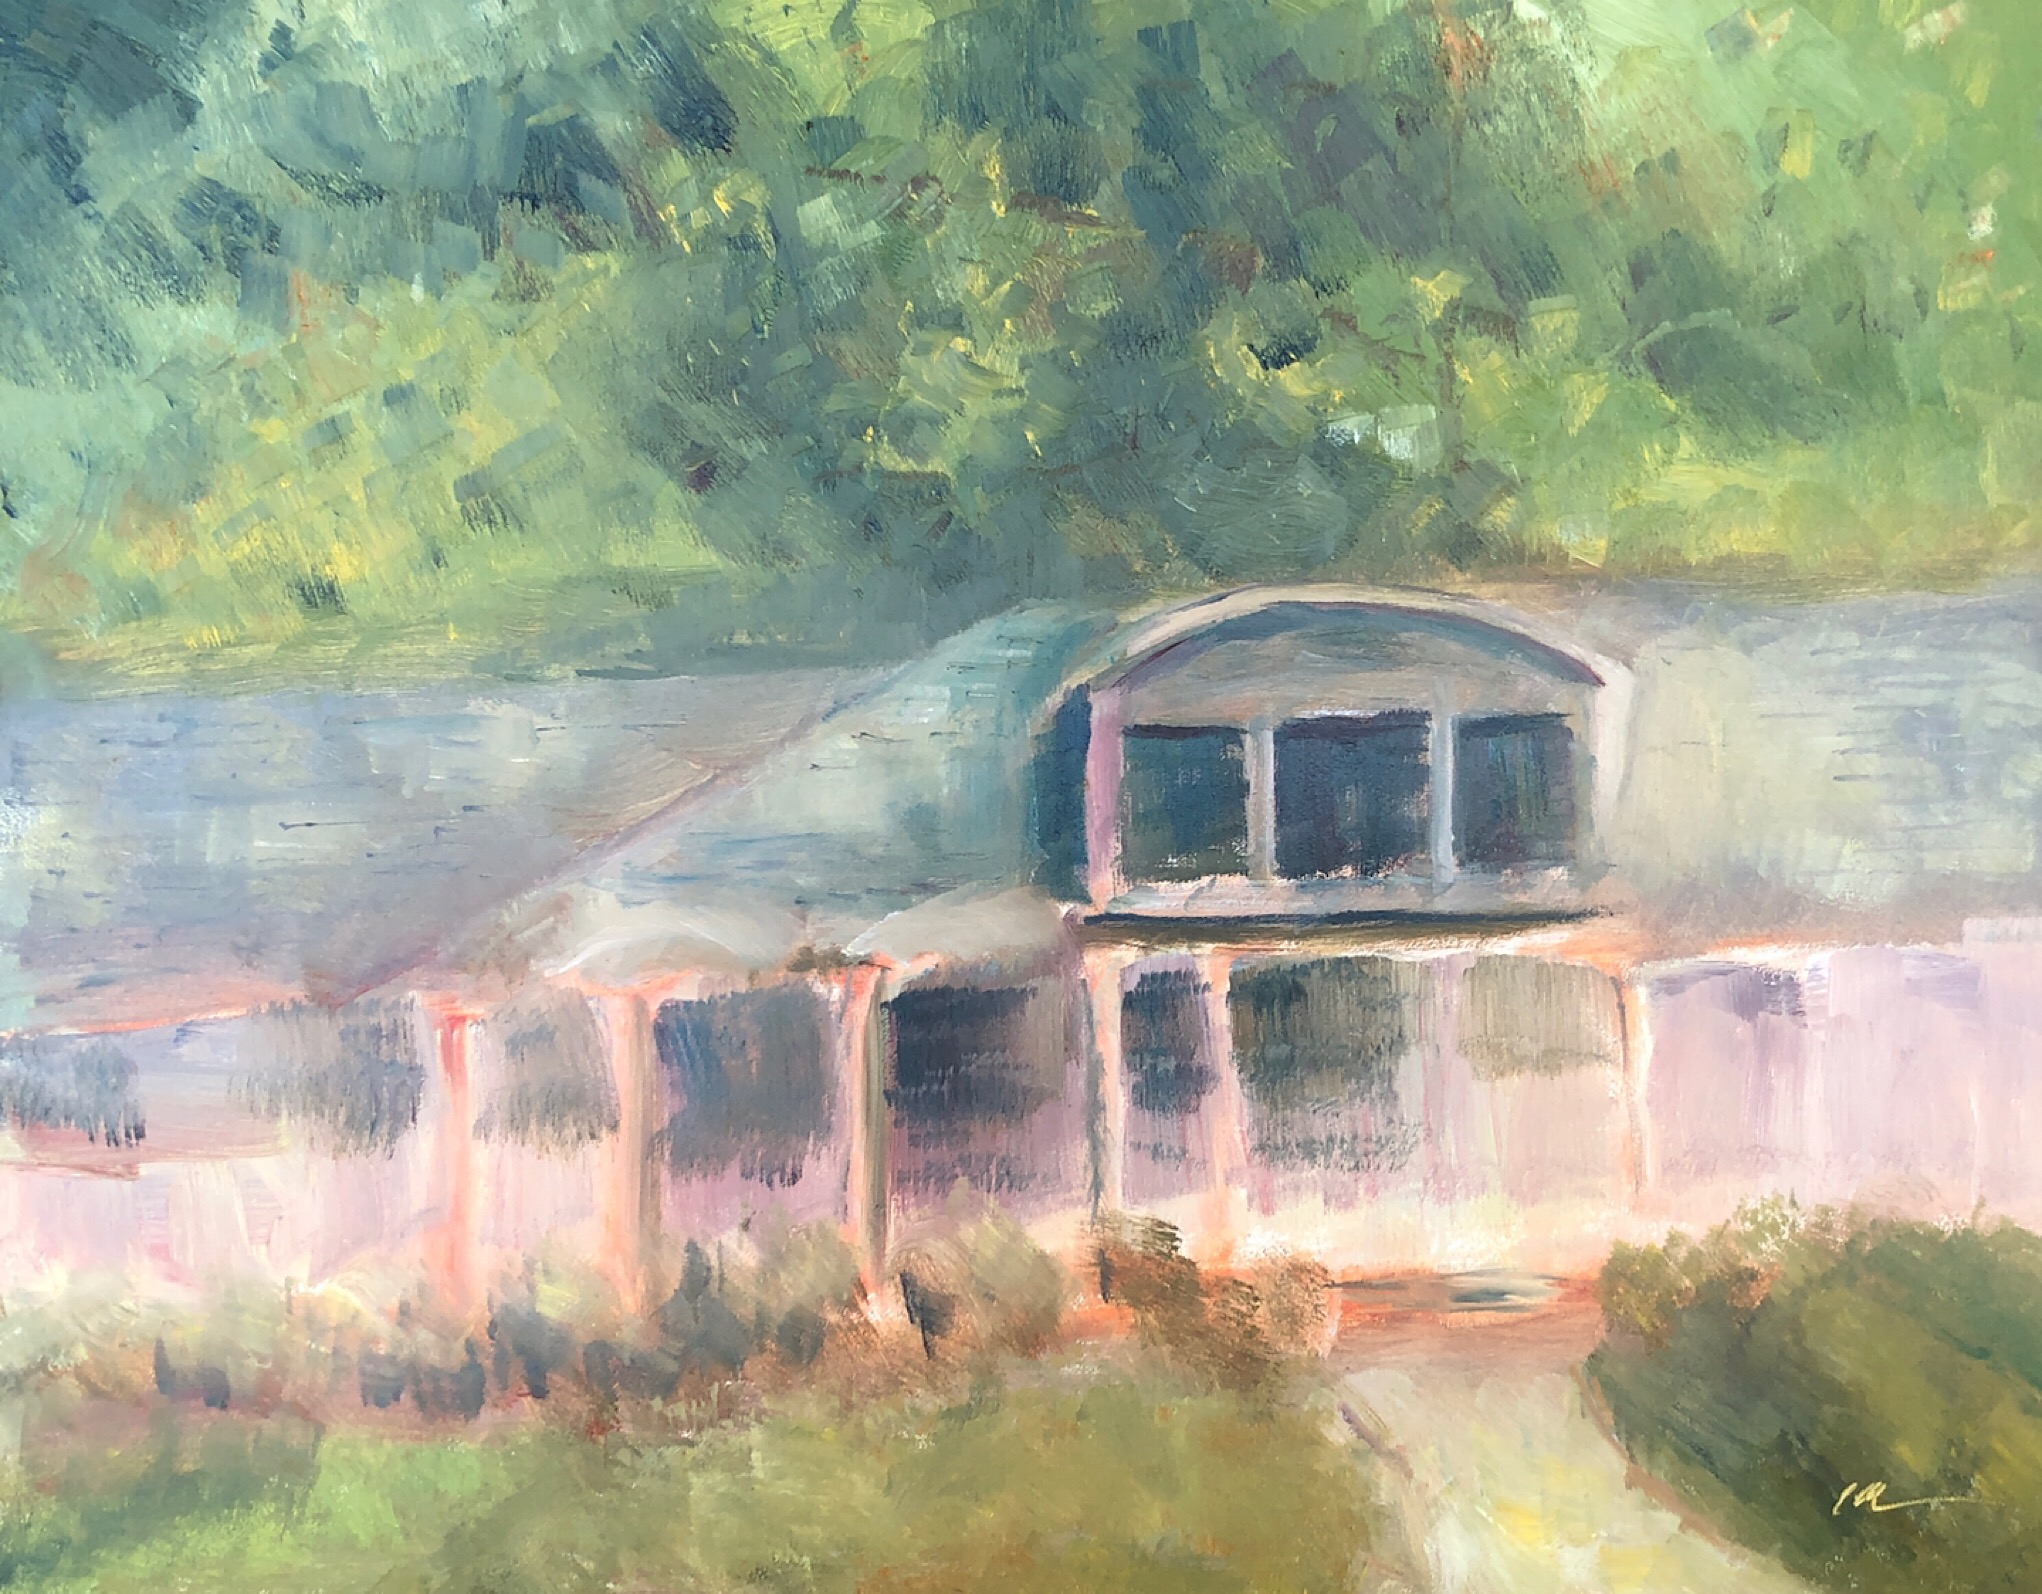 """Geoff Watson, """"Neighbor's house,"""" oil on panel, 11"""" x 14,"""" 2019."""